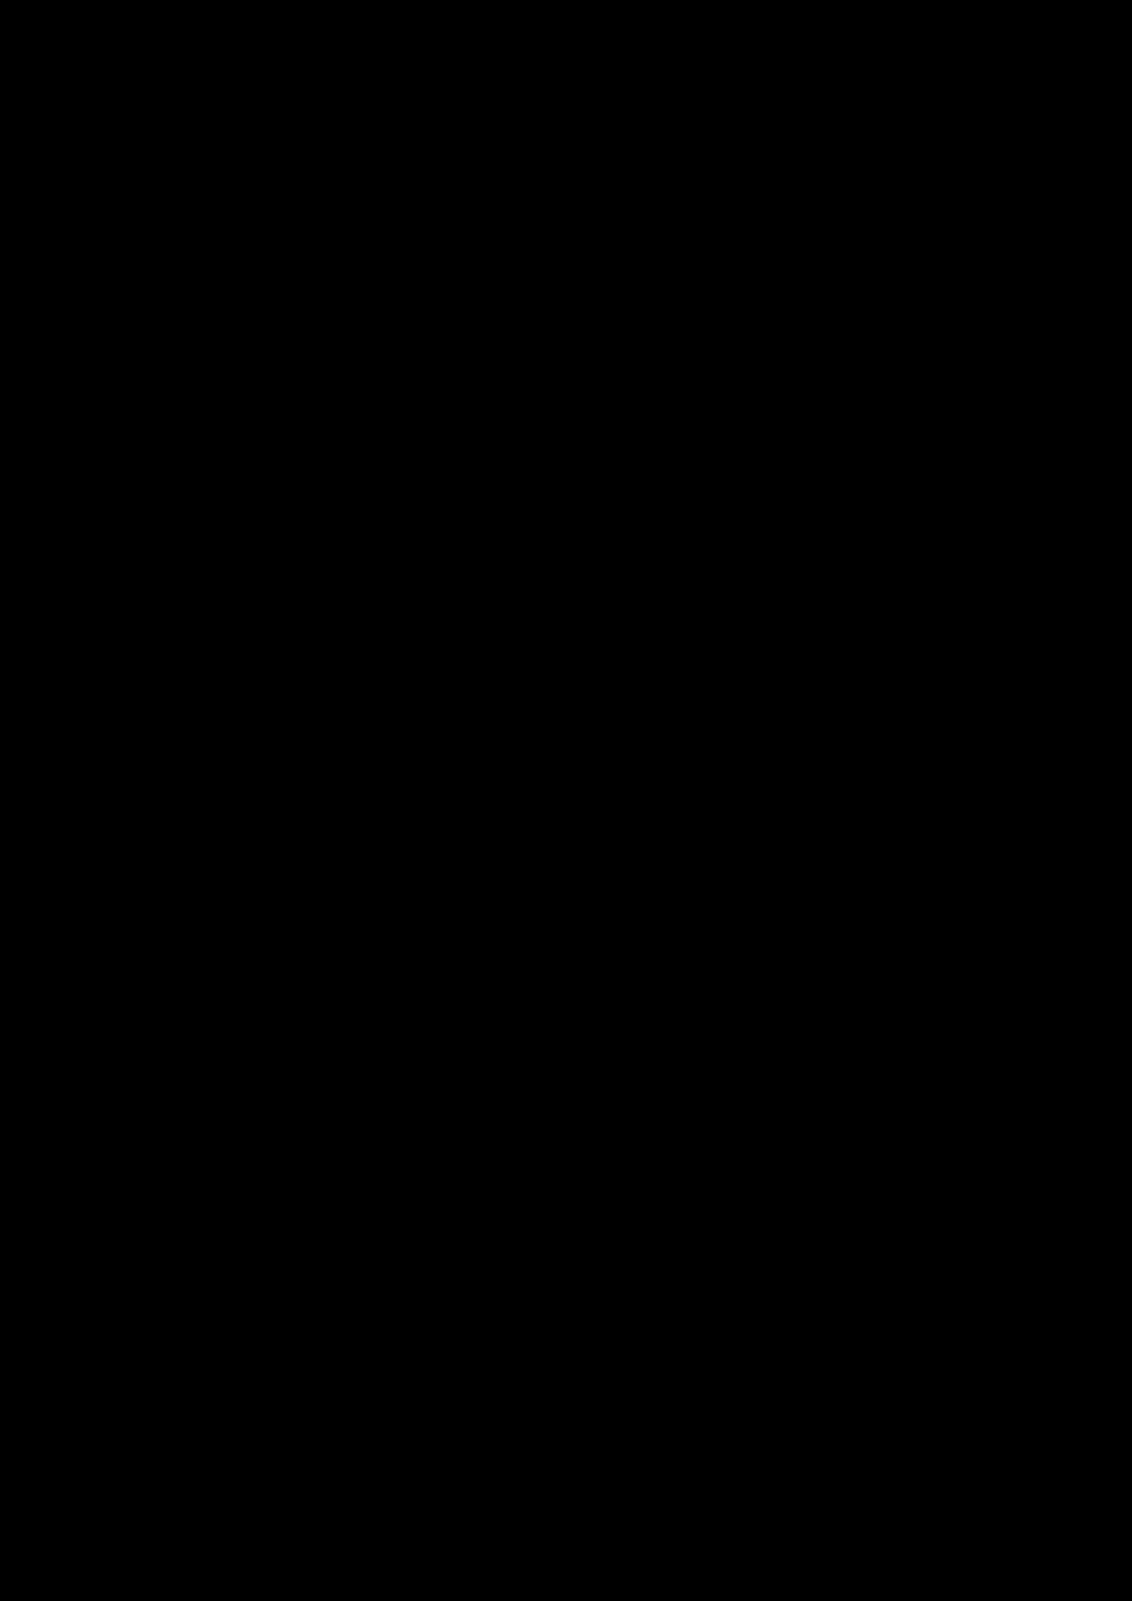 Zagadka volshebnoy stranyi slide, Image 26